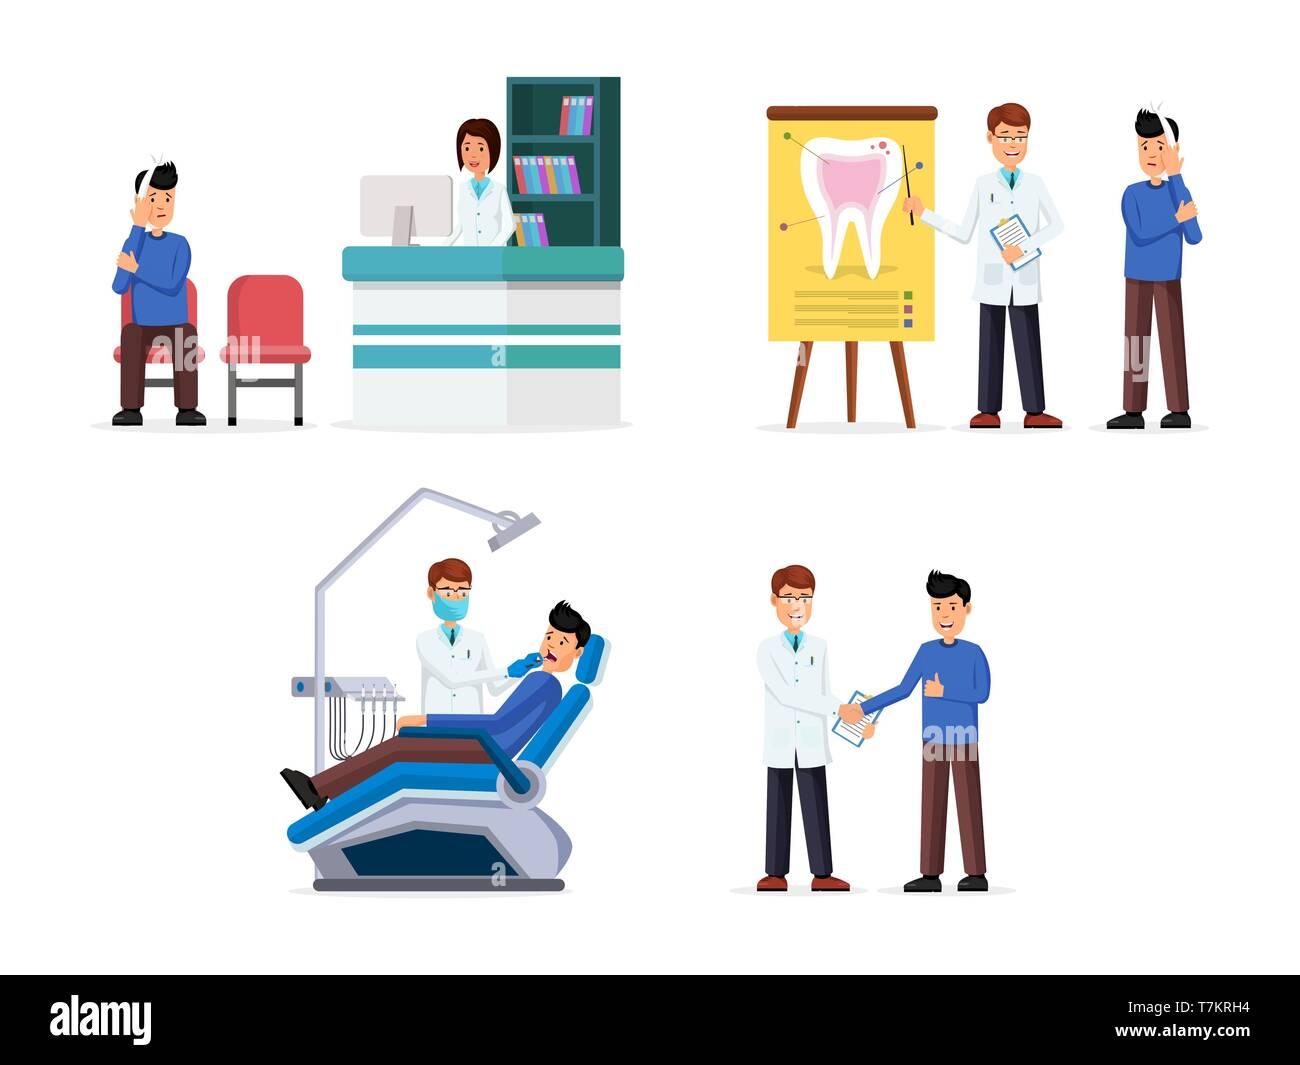 Conjunto de recepción con nurce hombre, médico y paciente tratamiento consultación y alta calidad comentarios diseño plano ilustración vectorial. Concepto de salud. Aislado en blanco Ilustración del Vector